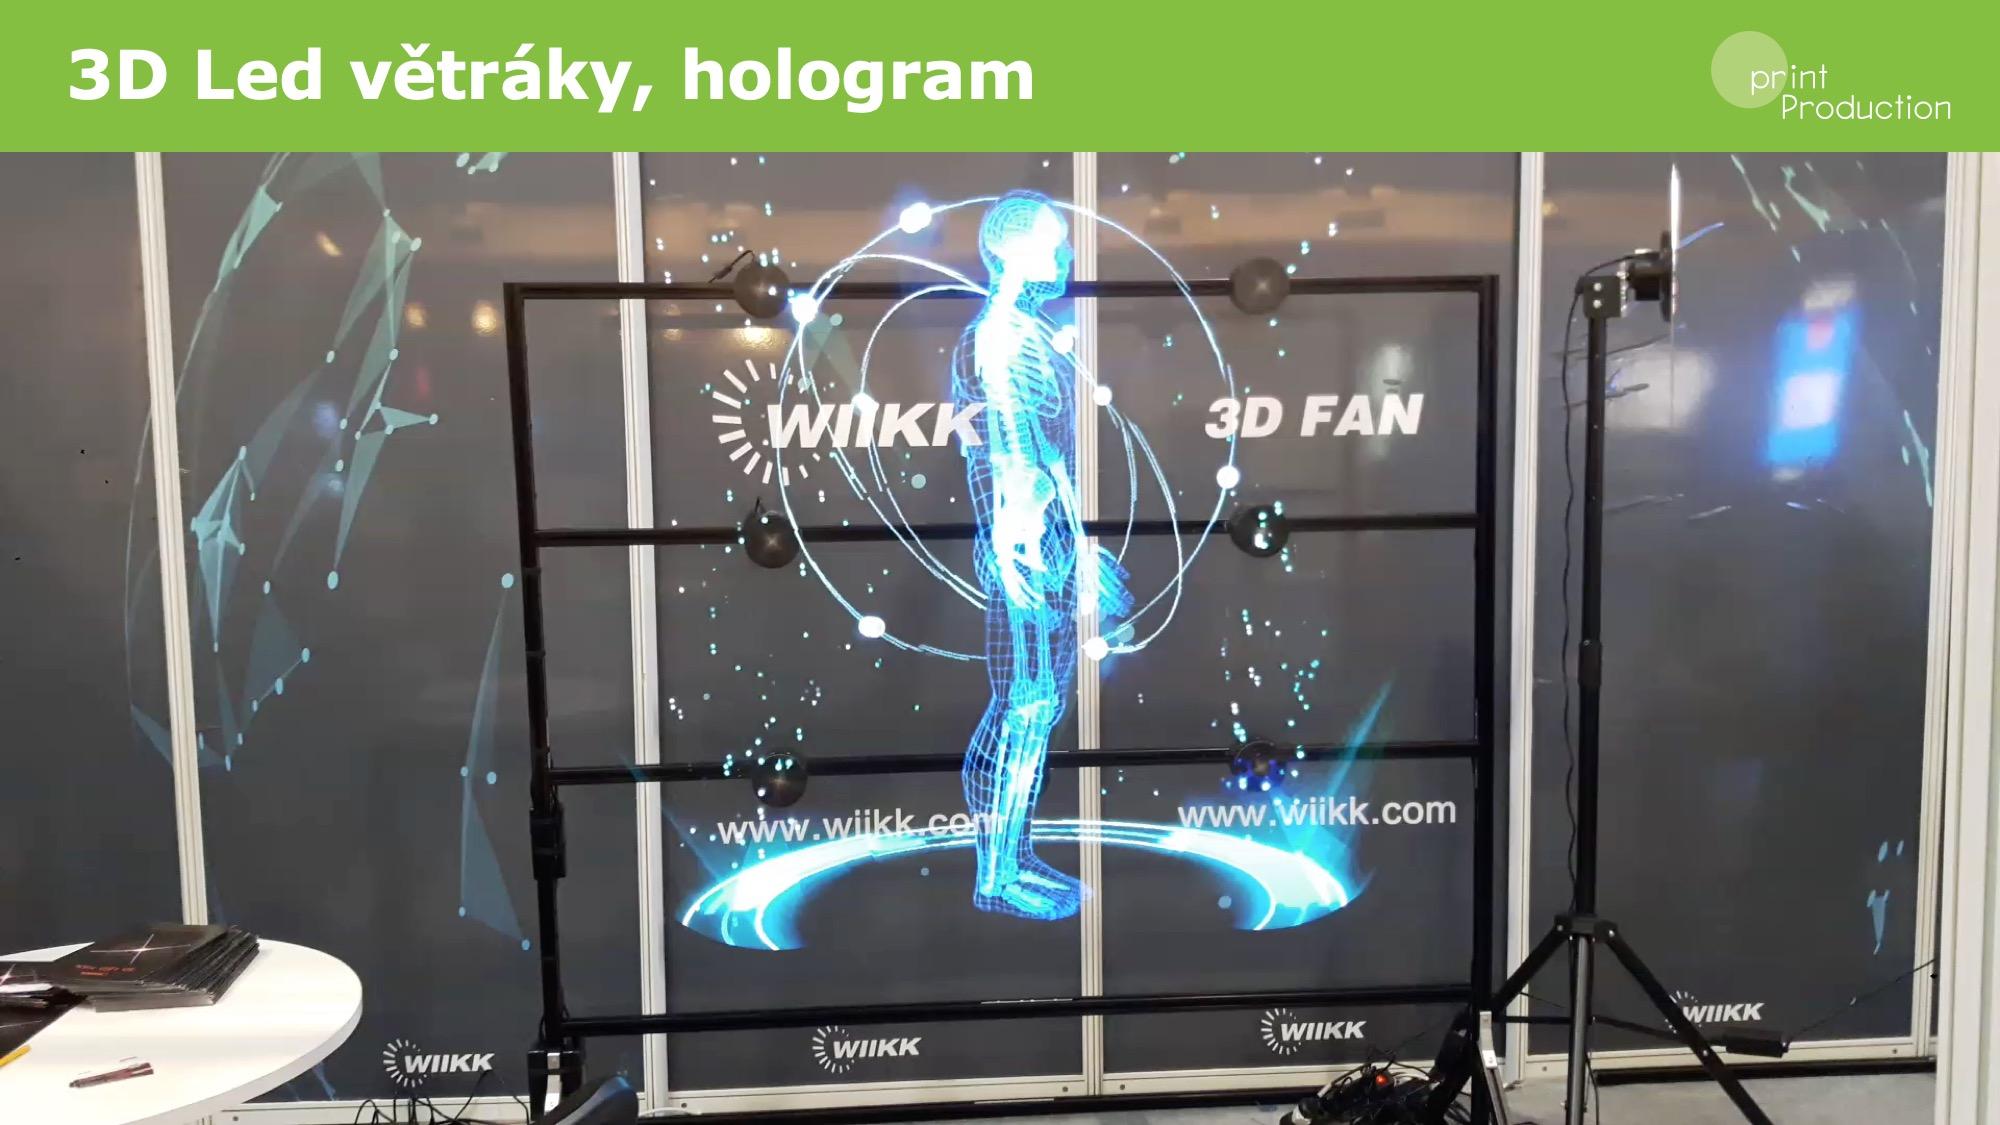 3D hologram / LED ventilátor